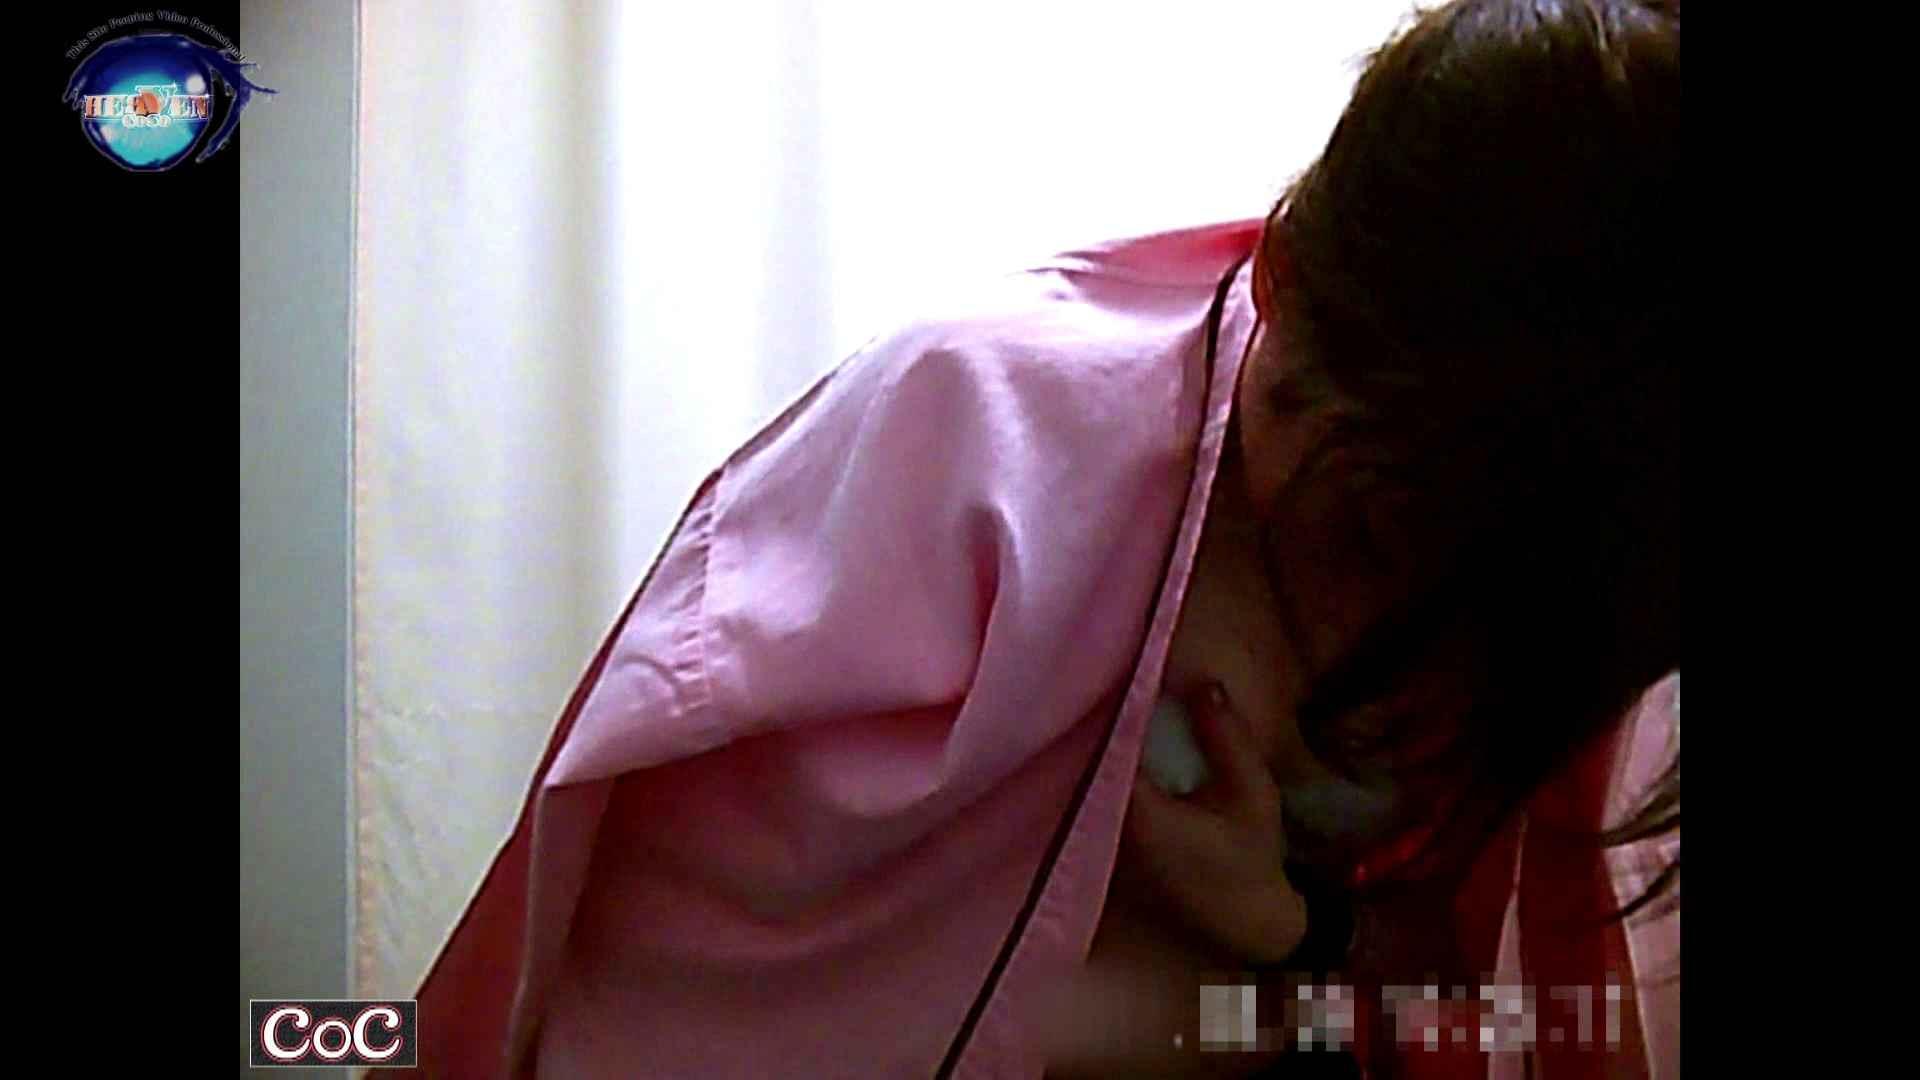 激ヤバ健康診断!着替えの一部始終.vol.13 ※本編ボカシ・目線無し ナースのエロ動画 | ギャルのエロ動画 のぞき 97PIX 36